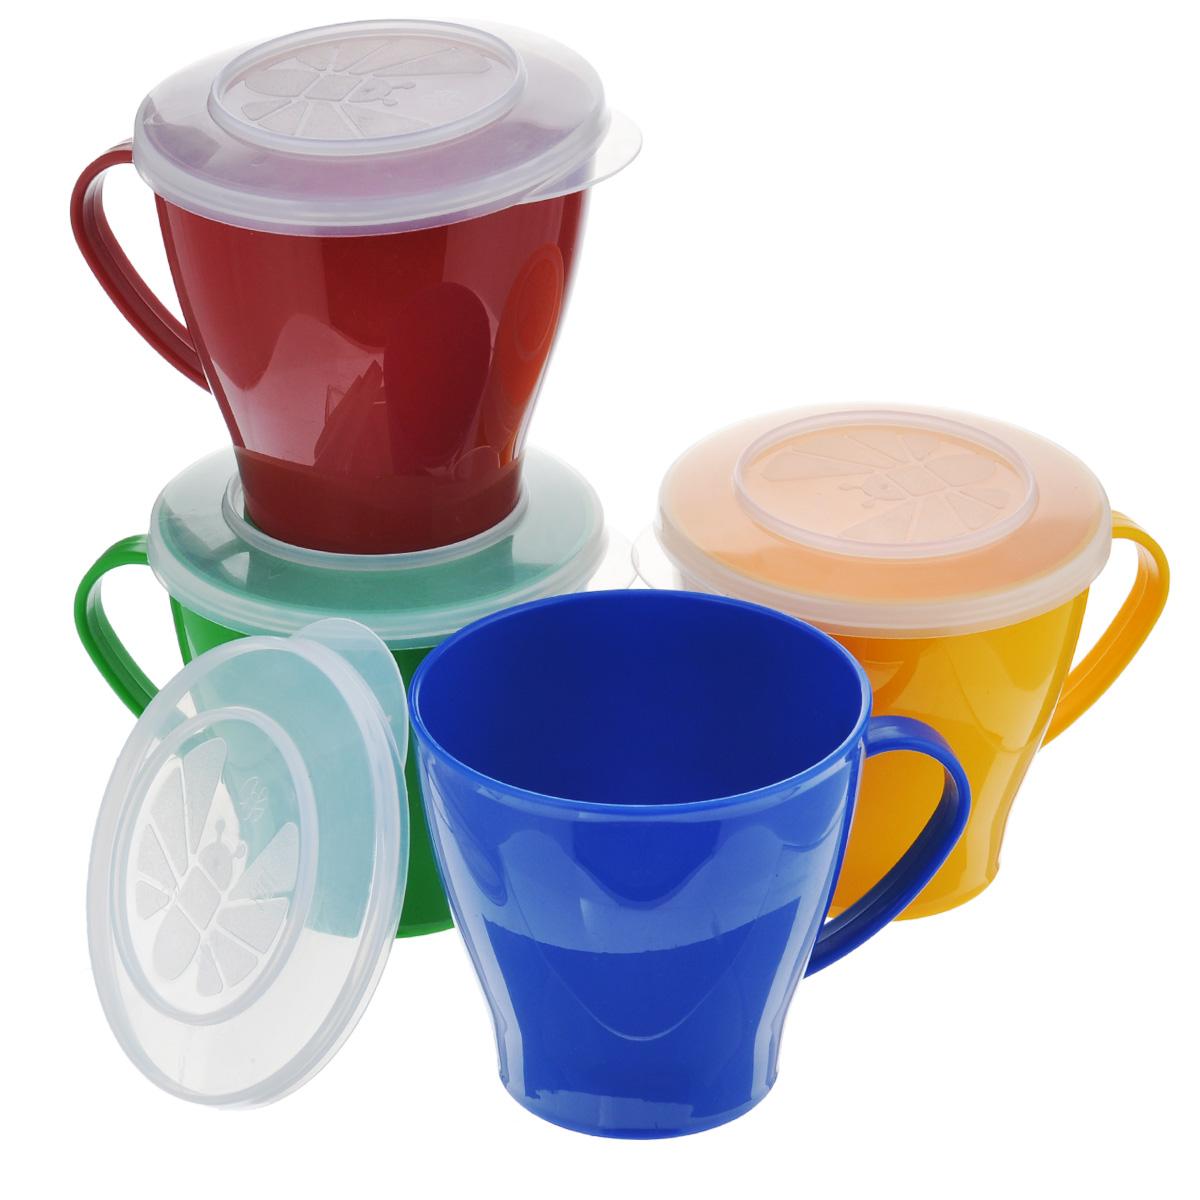 Набор чашек Solaris, 0,36 л, 4 штS1404В набор Solaris входит 4 толстостенных эргономичных чашки с герметичными крышками, в удобной виниловой сумке с ручкой и молнией. Чашки можно использовать для чая/кофе/напитков, приготовления суповых наборов, как пищевые контейнеры и т.п. Свойства посуды: Посуда из ударопрочного пищевого полипропилена предназначена для многократного использования. Легкая, прочная и износостойкая, экологически чистая, эта посуда работает в диапазоне температур от -25°С до +110°С. Можно мыть в посудомоечной машине. Эта посуда также обеспечивает: Хранение горячих и холодных пищевых продуктов; Разогрев продуктов в микроволновой печи; Приготовление пищи в микроволновой печи на пару (пароварка); Хранение продуктов в холодильной и морозильной камере; Кипячение воды с помощью электрокипятильника. Высота чашек: 9 см. Диаметр чашек по верхнему краю (без учета ручки): 9 см. Диаметр дна: 5,8 см.